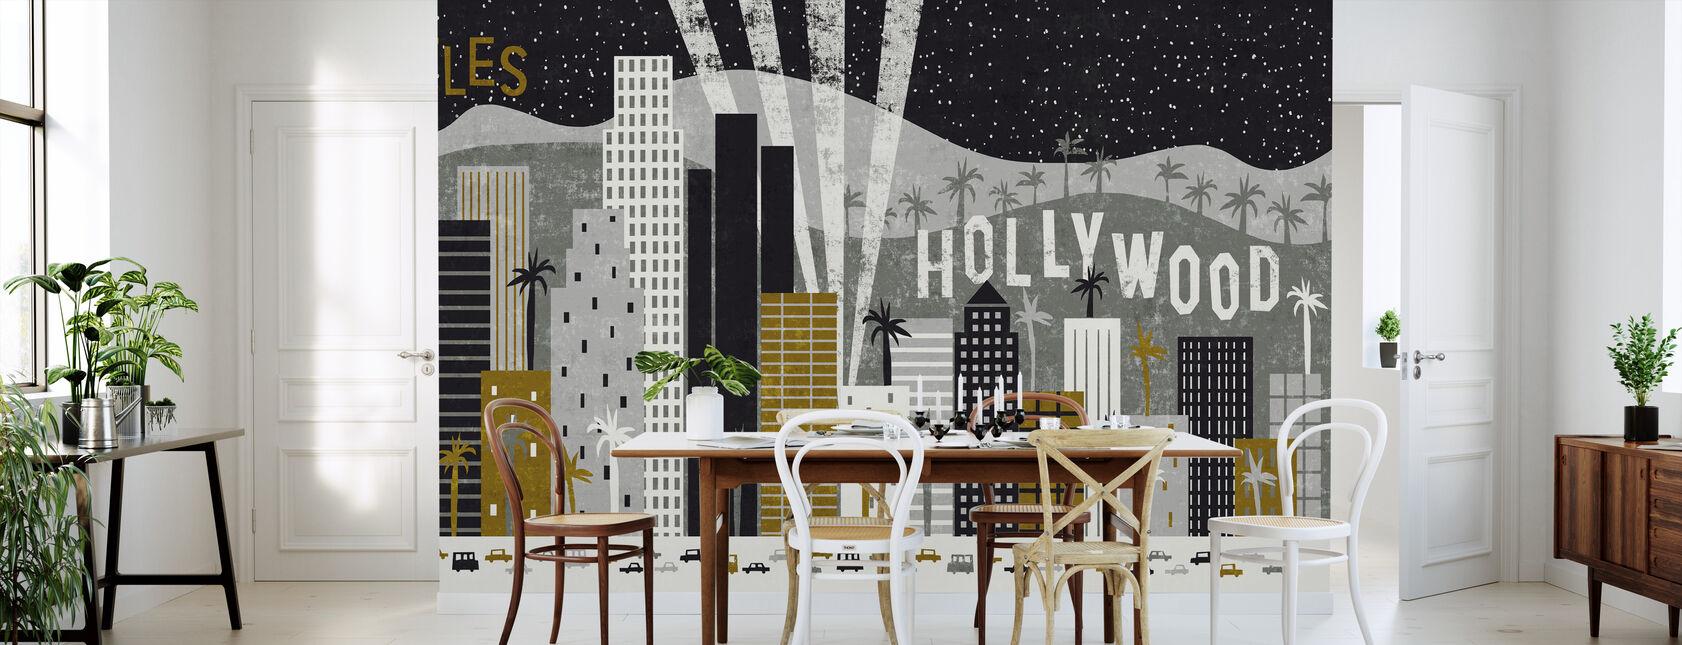 Hei Los Angeles - Tapetti - Keittiö